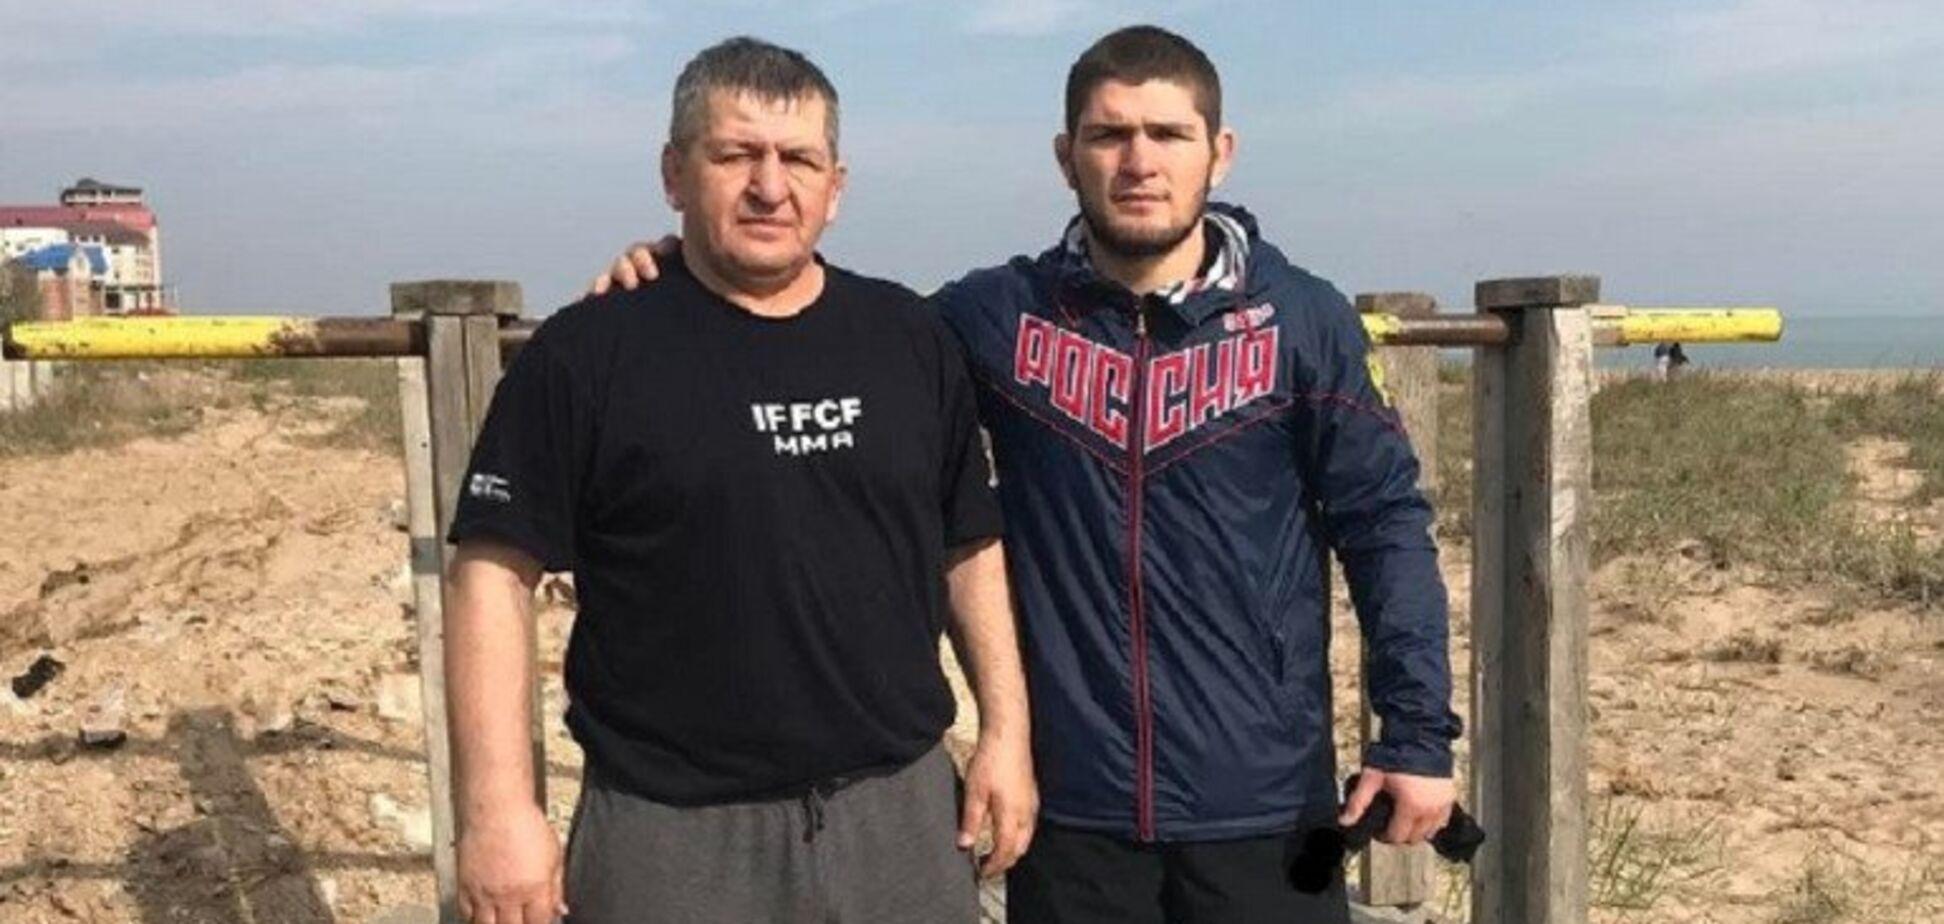 Адбулманап и Хабиб Нурмагомедовы